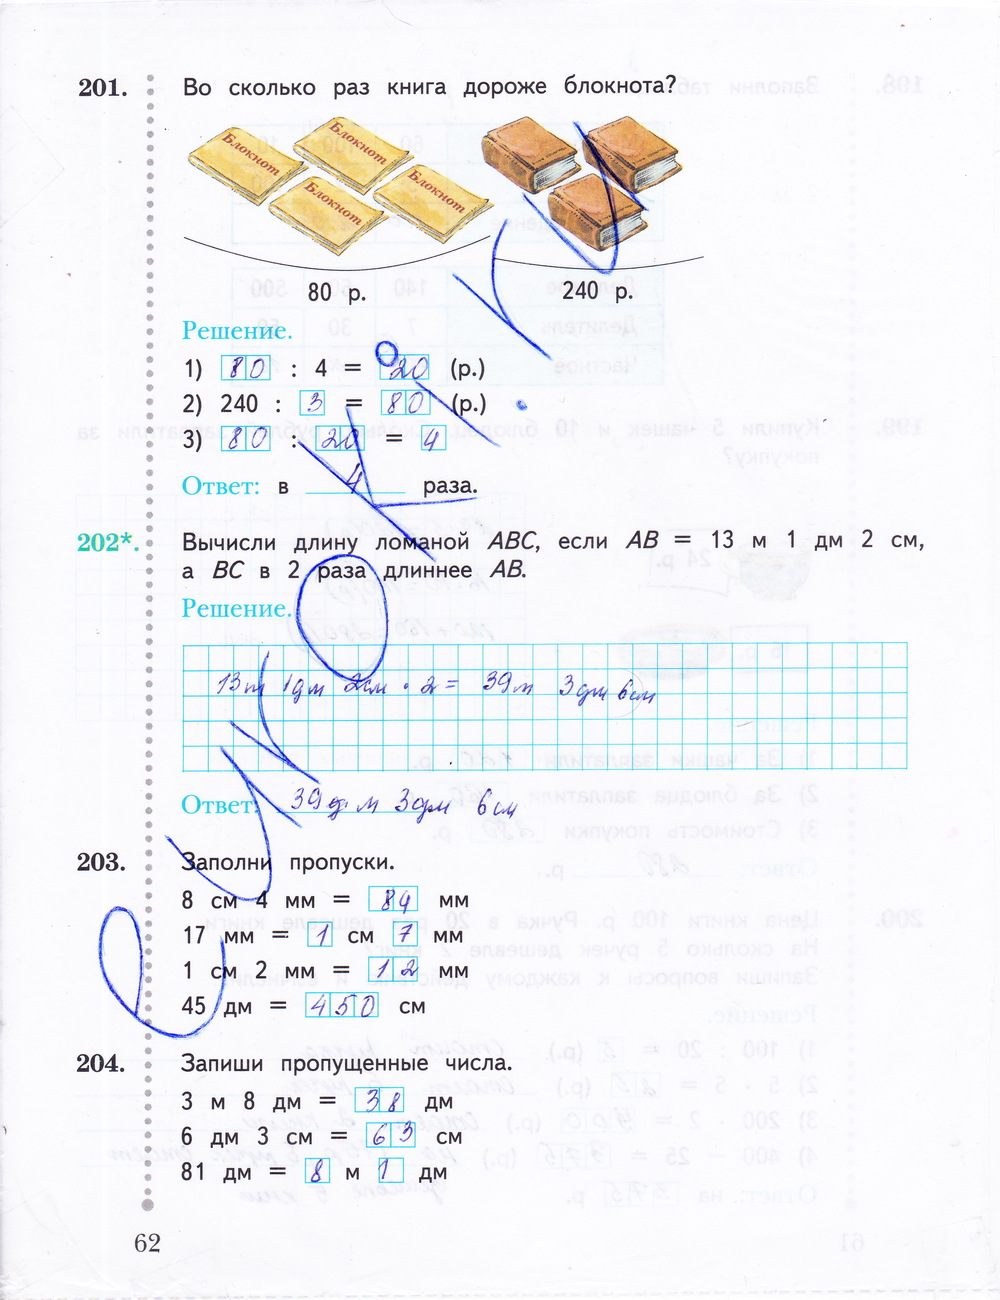 граф математике вентана по 2 часть 2 гдз класса